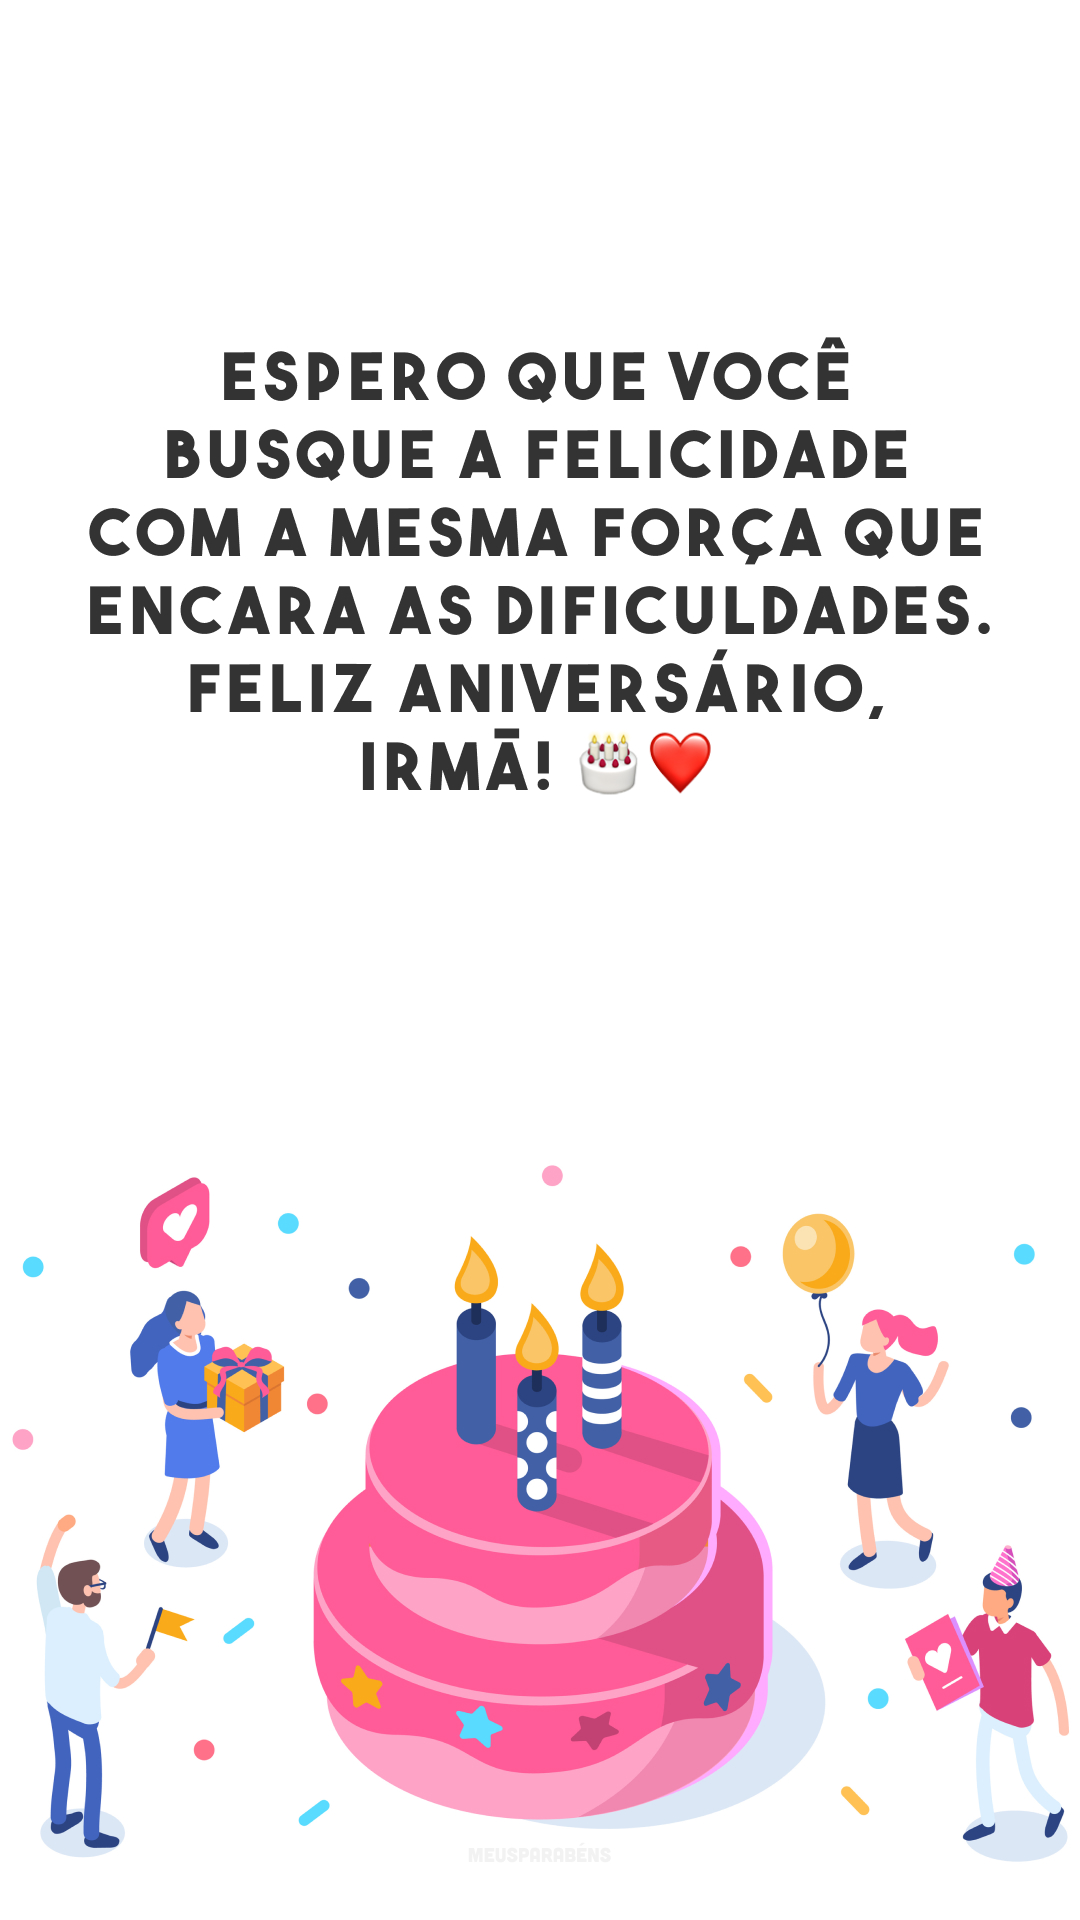 Espero que você busque a felicidade com a mesma força que encara as dificuldades. Feliz aniversário, irmã! 🎂❤️